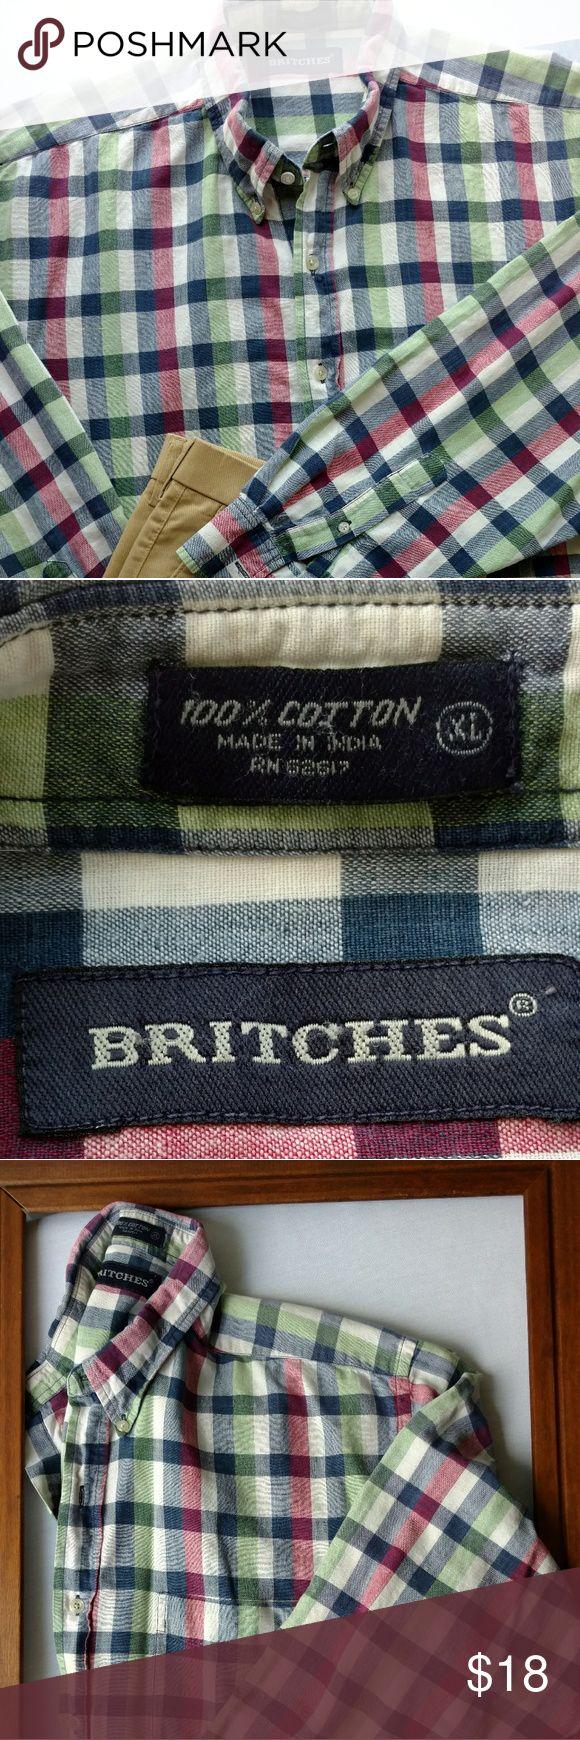 Britches men's button down plaid shirt Britches men's button down, blue, red, green, off white plaid shirt w/button down collar Britches Shirts Casual Button Down Shirts